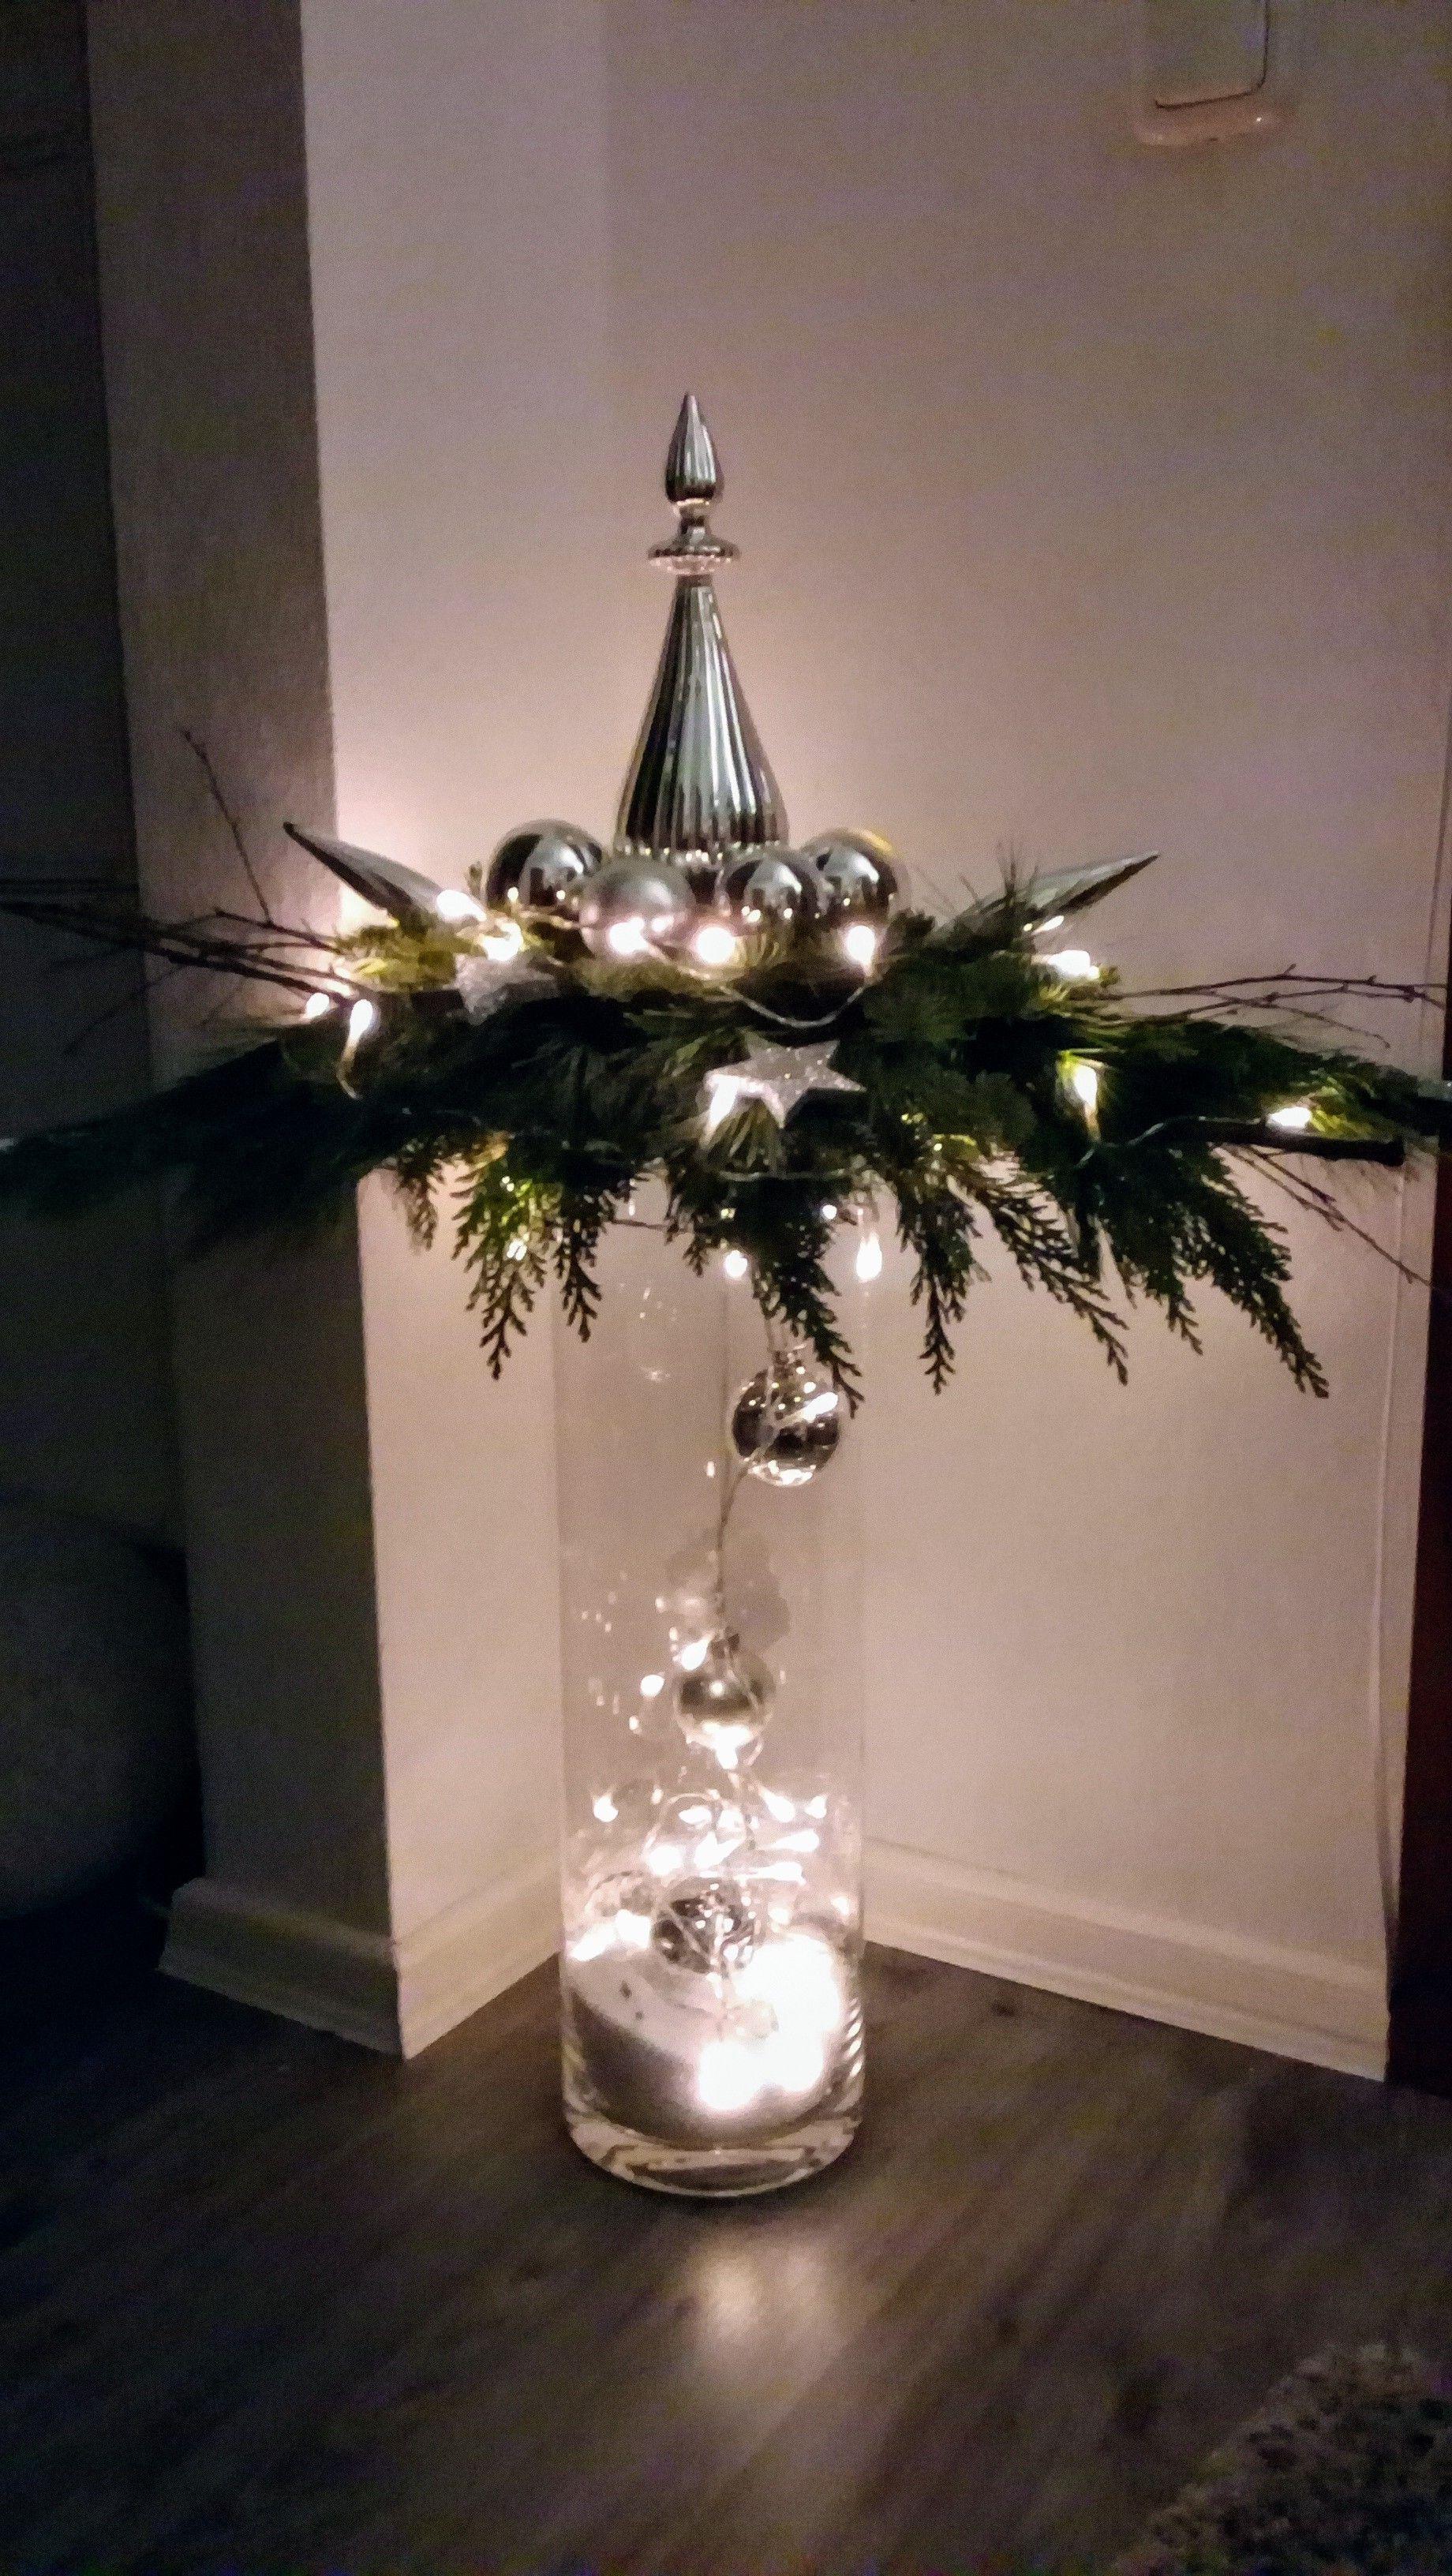 So schön und so einfach herzustellen. In einen Steckschwamm rundherum mit Tanne, Kiefer und Lebensbaum stecken. Mit Kugeln oder anderen Dingen verschönern. Lichterkette drumherum winden und leicht auf ein hohes Glas oder Vase drücken. Fertig! Und das, ohne ein Vermögen im Blumenladen auszugeben! ;-) #weihnachtsdekohauseingang